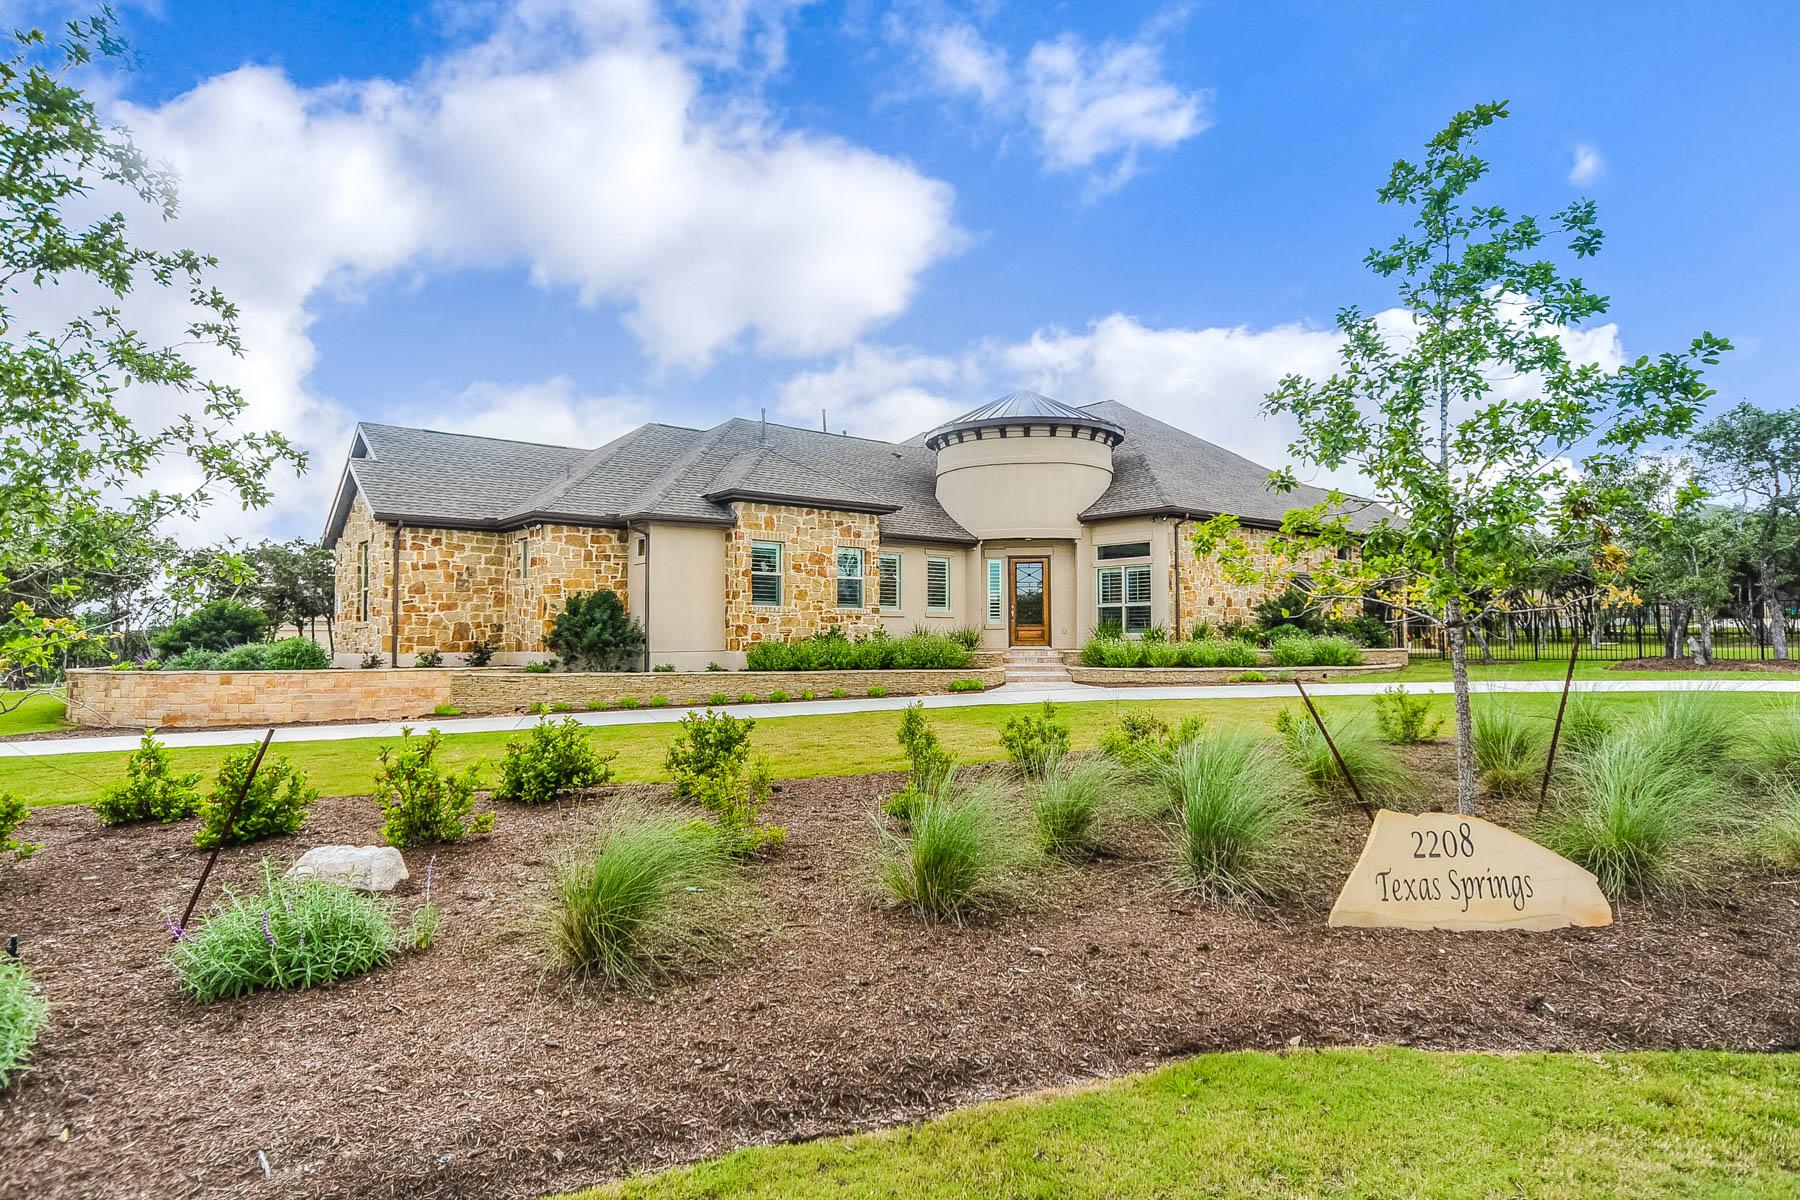 Casa Unifamiliar por un Venta en Stunning Home in New Braunfels 2208 Texas Springs New Braunfels, Texas 78132 Estados Unidos